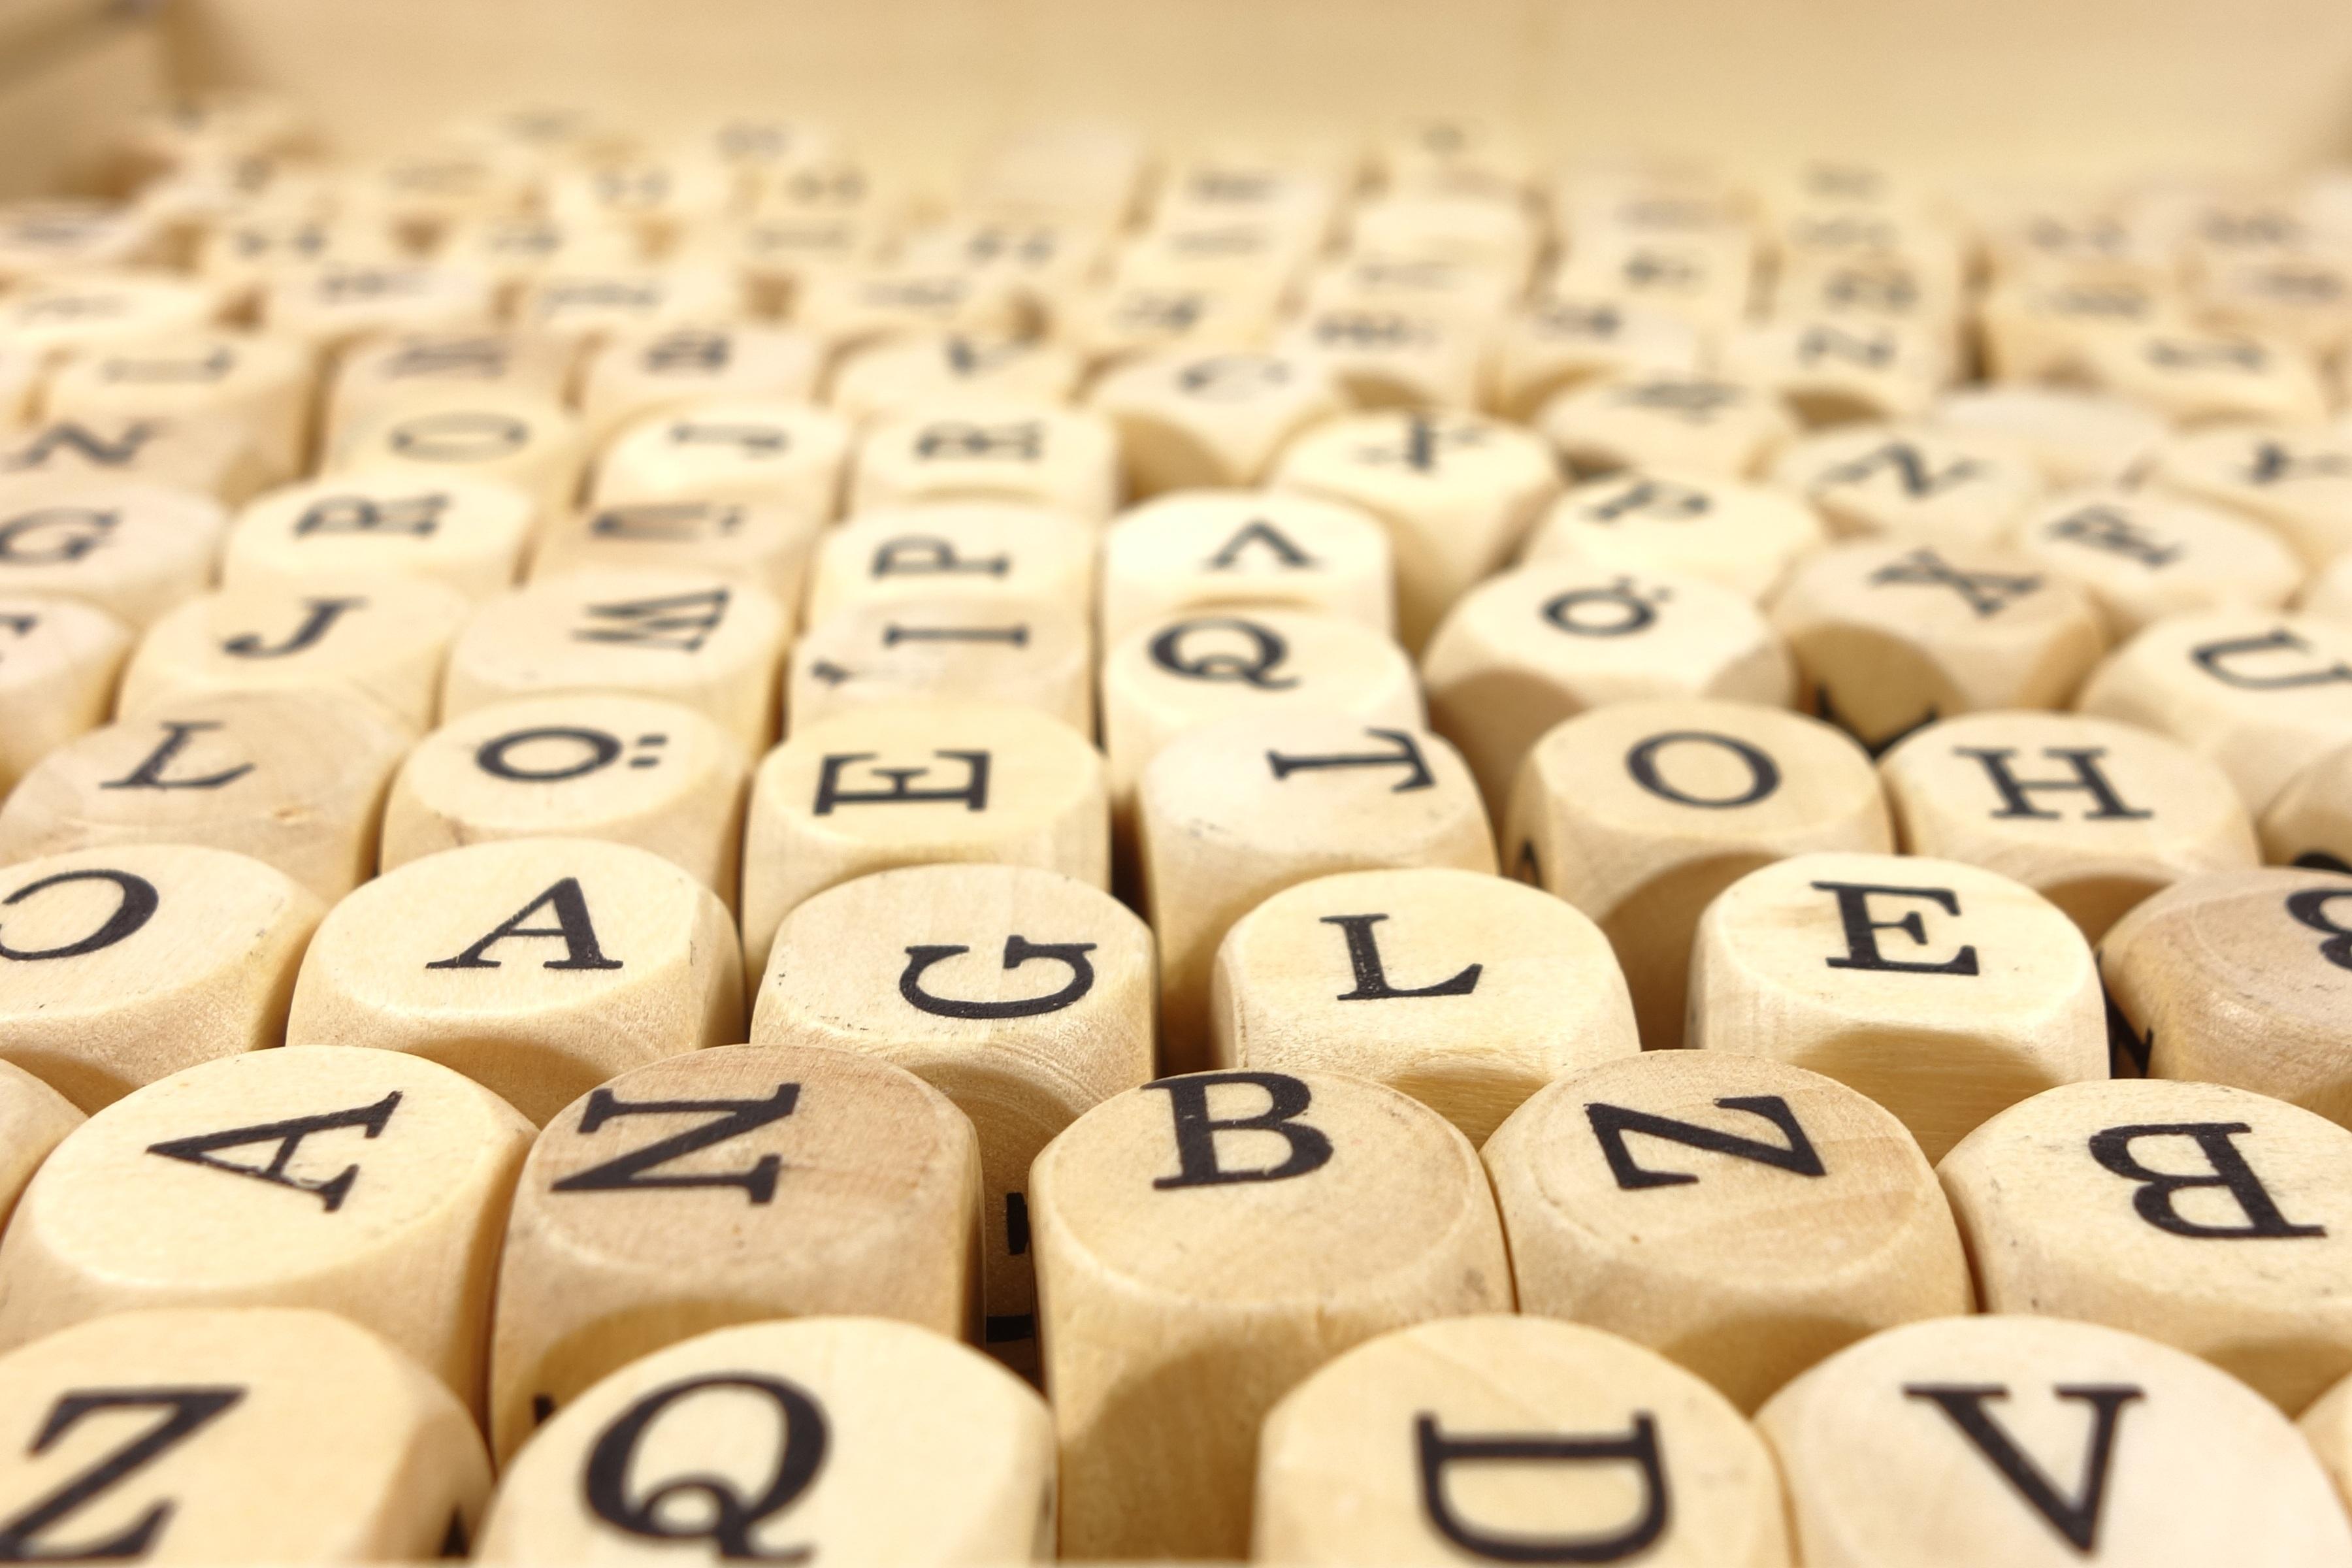 Деревянные кубики с буквами для составления слов